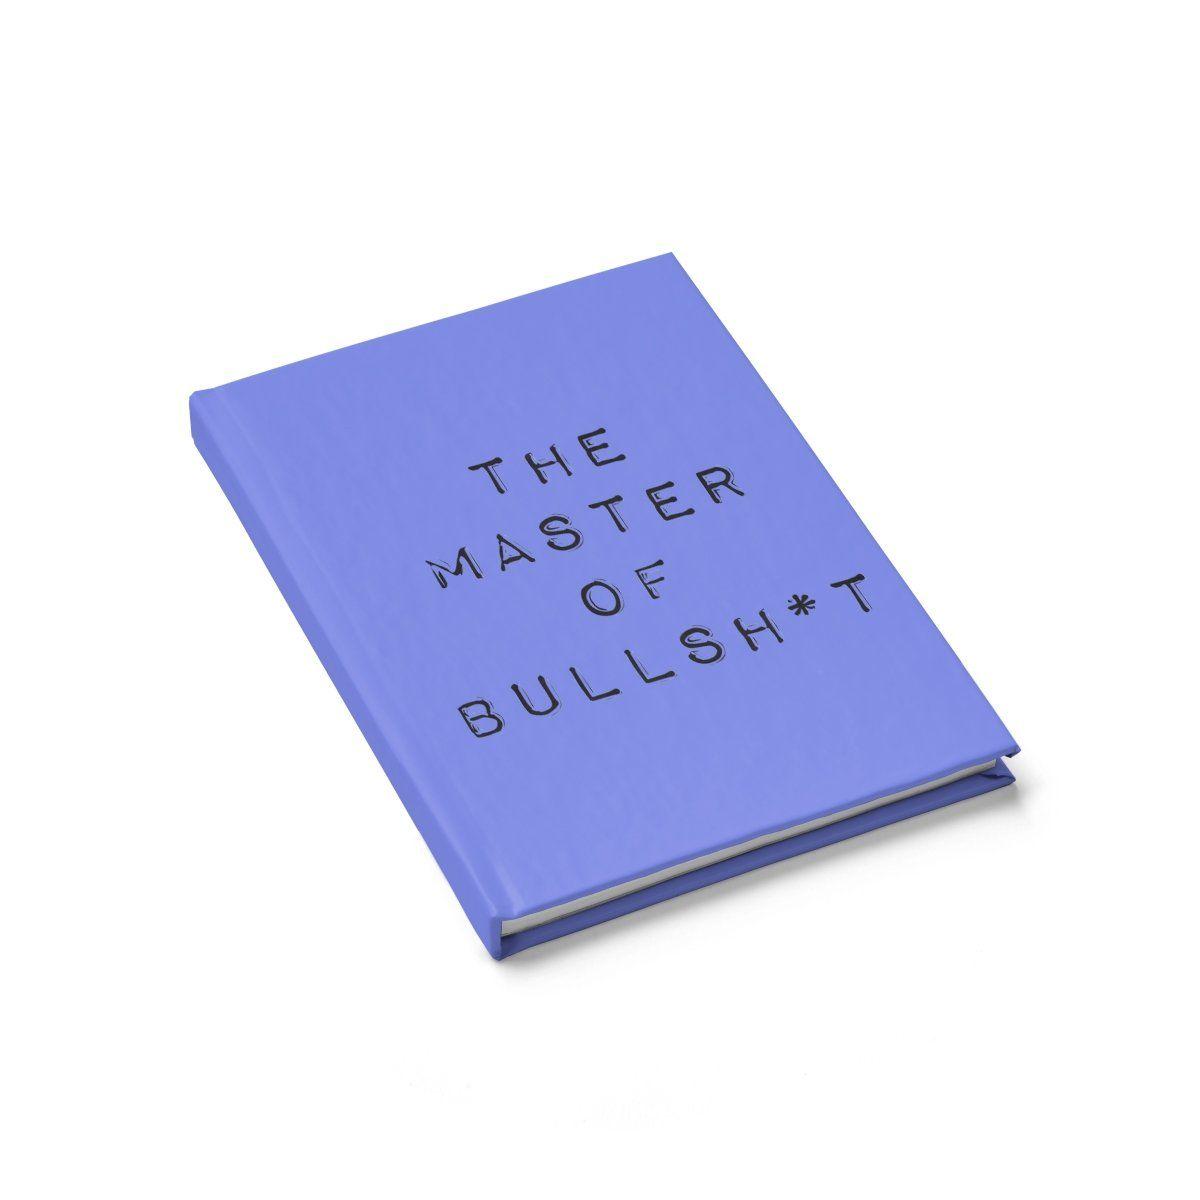 The Master Of Bullsh*t Ruled Line Journal